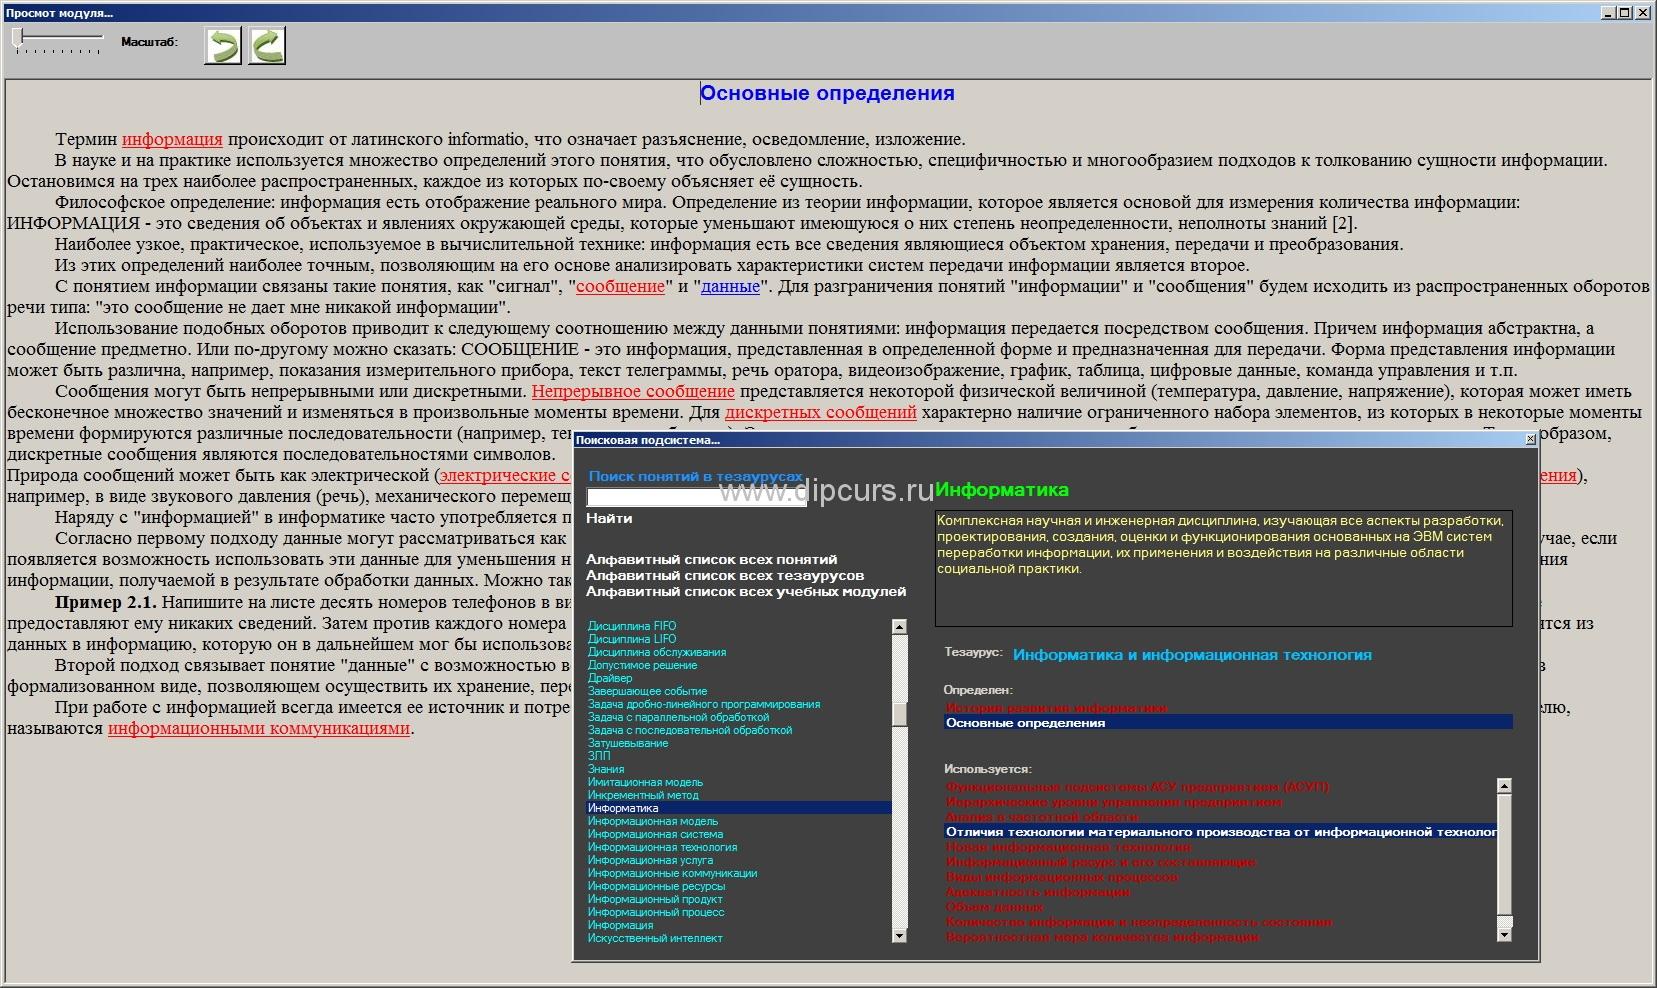 Разработка программ dipcurs Просмотр обучающего модуля в программе дипломной работы